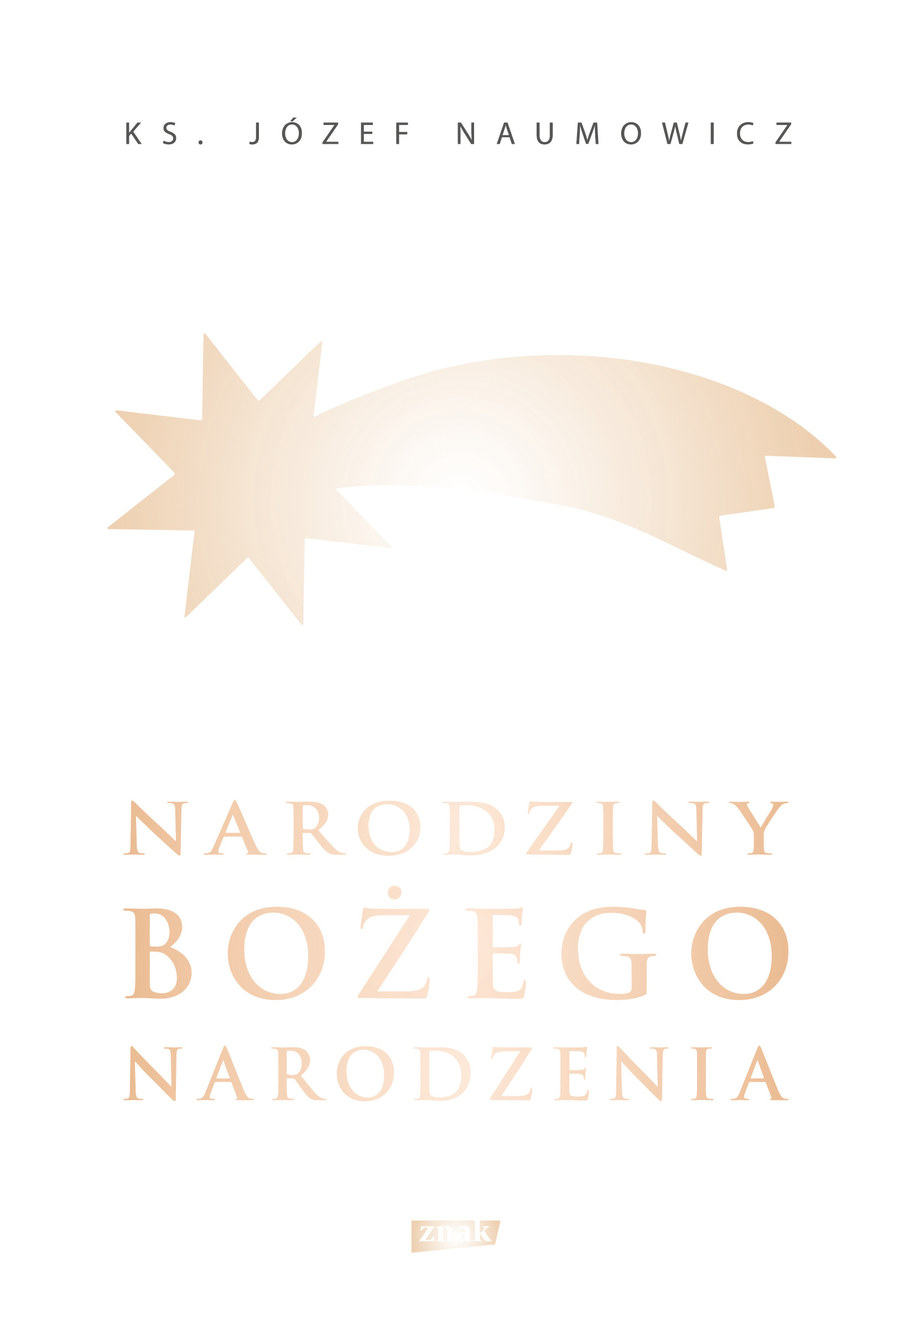 Okładka książki ks. Józefa Naumowicza /Materiały prasowe